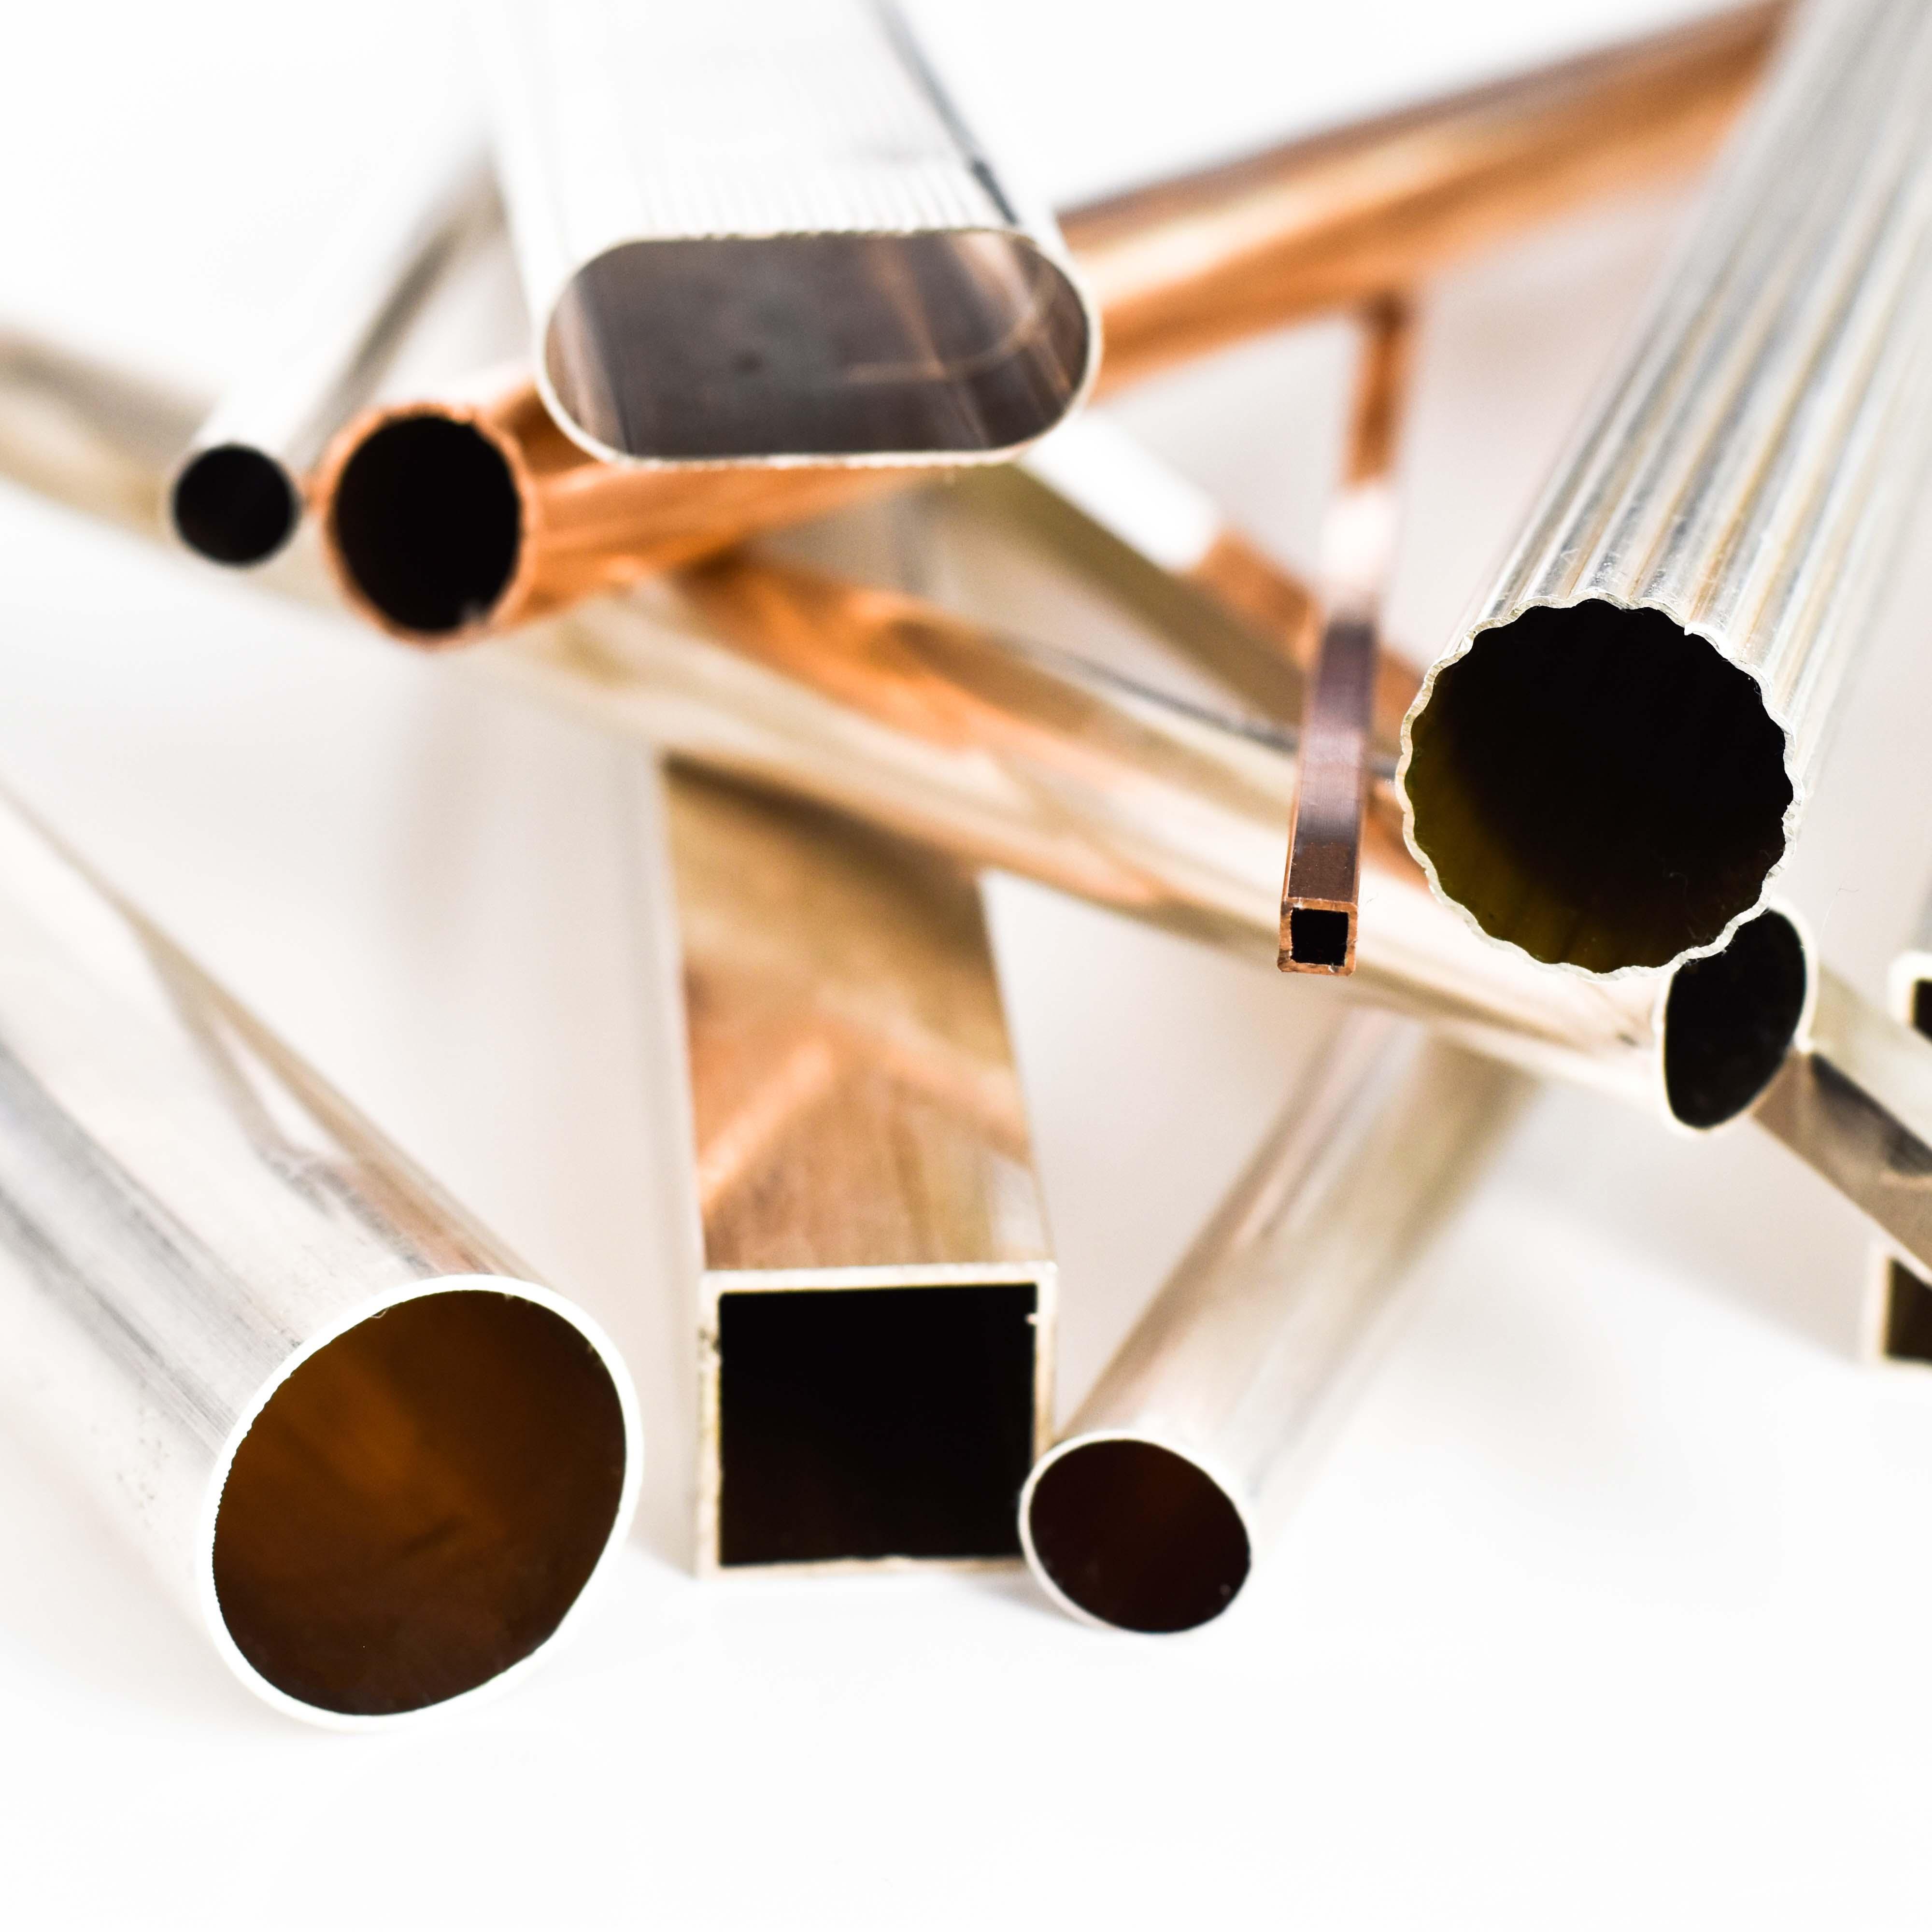 Trafilati in argento in vari profili e misure